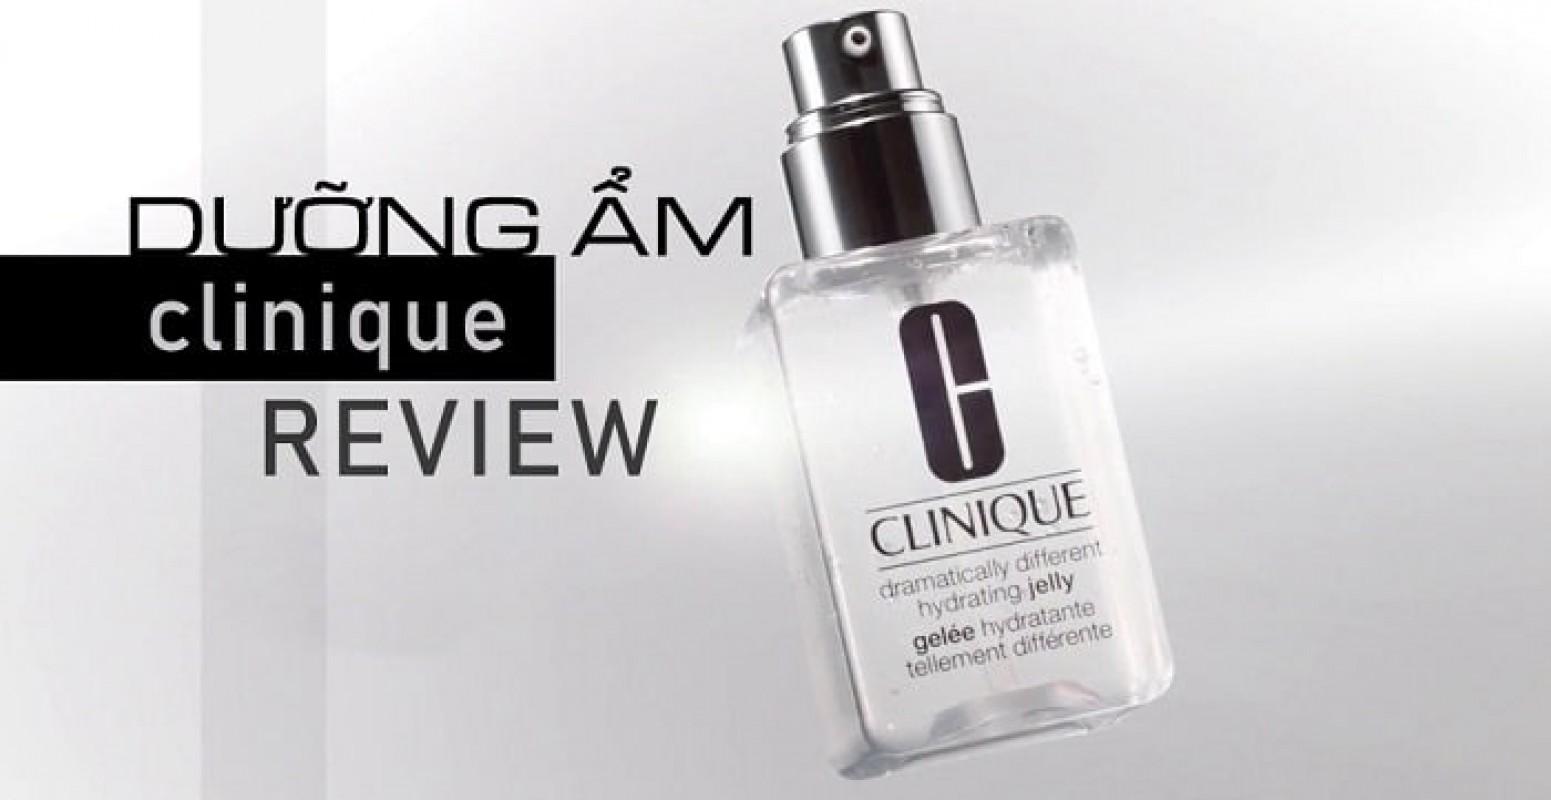 Review kem dưỡng ẩm Clinique từ người dùng